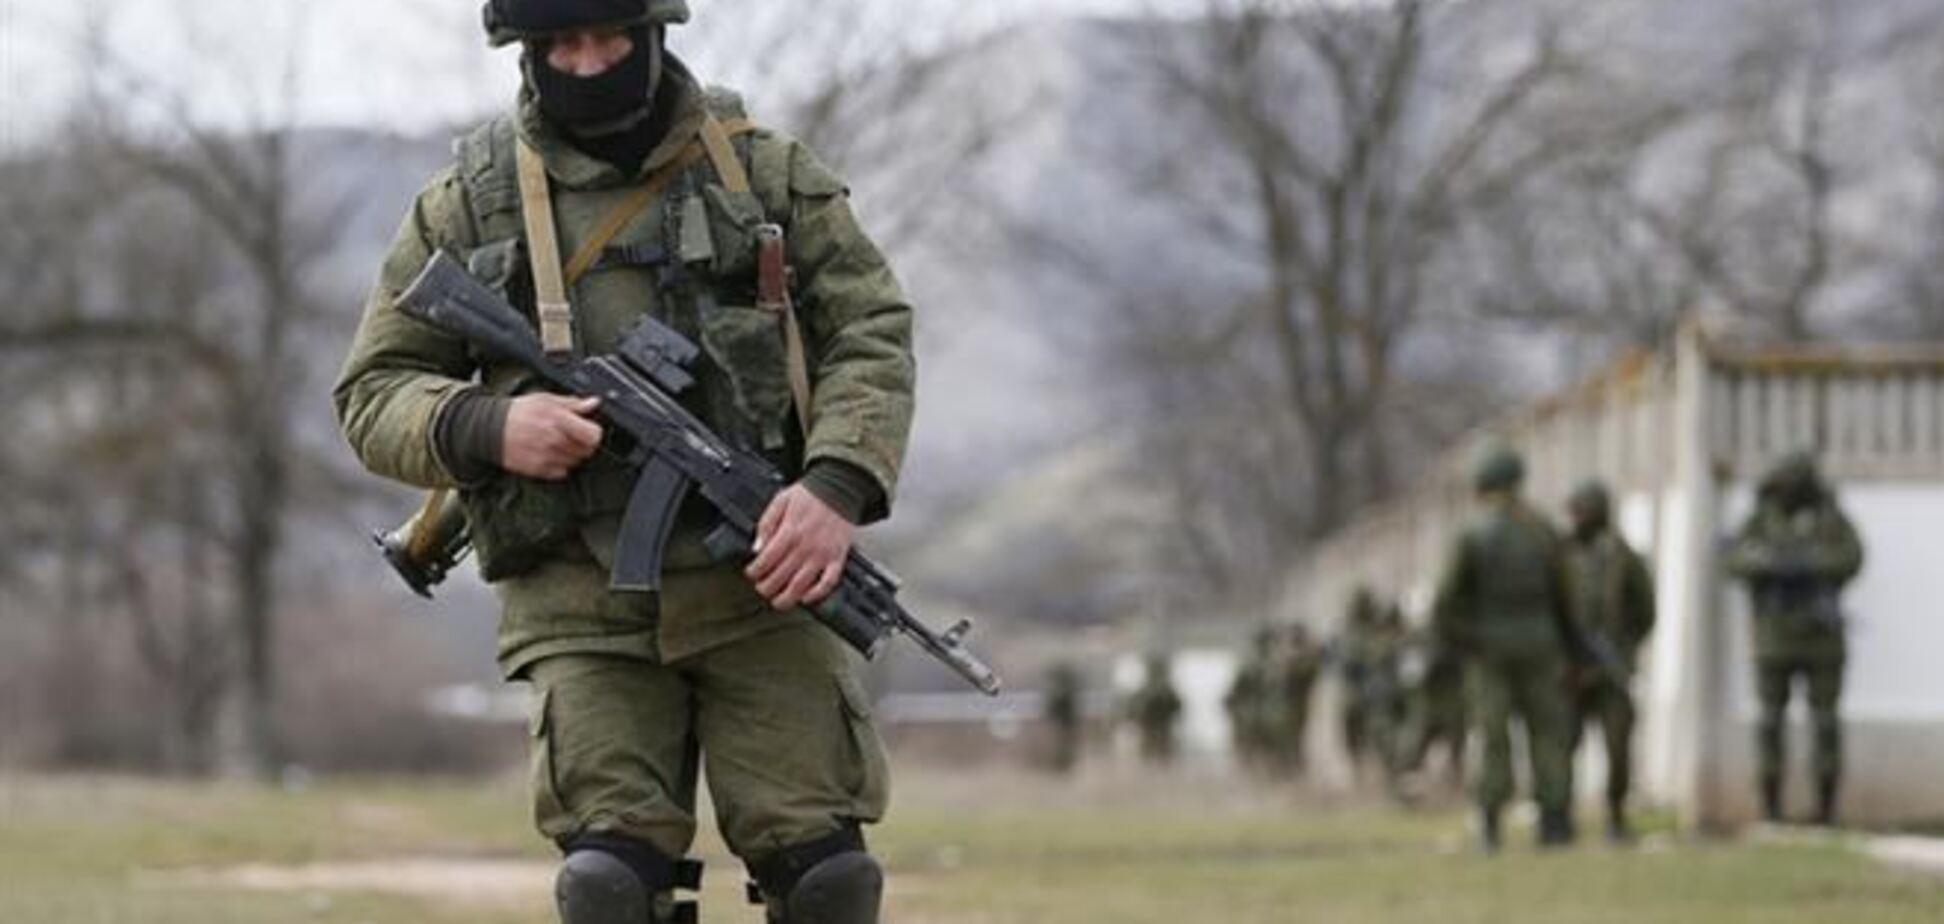 Плохое обеспечение солдат журналисты объяснили существующей системой аутсорсинга